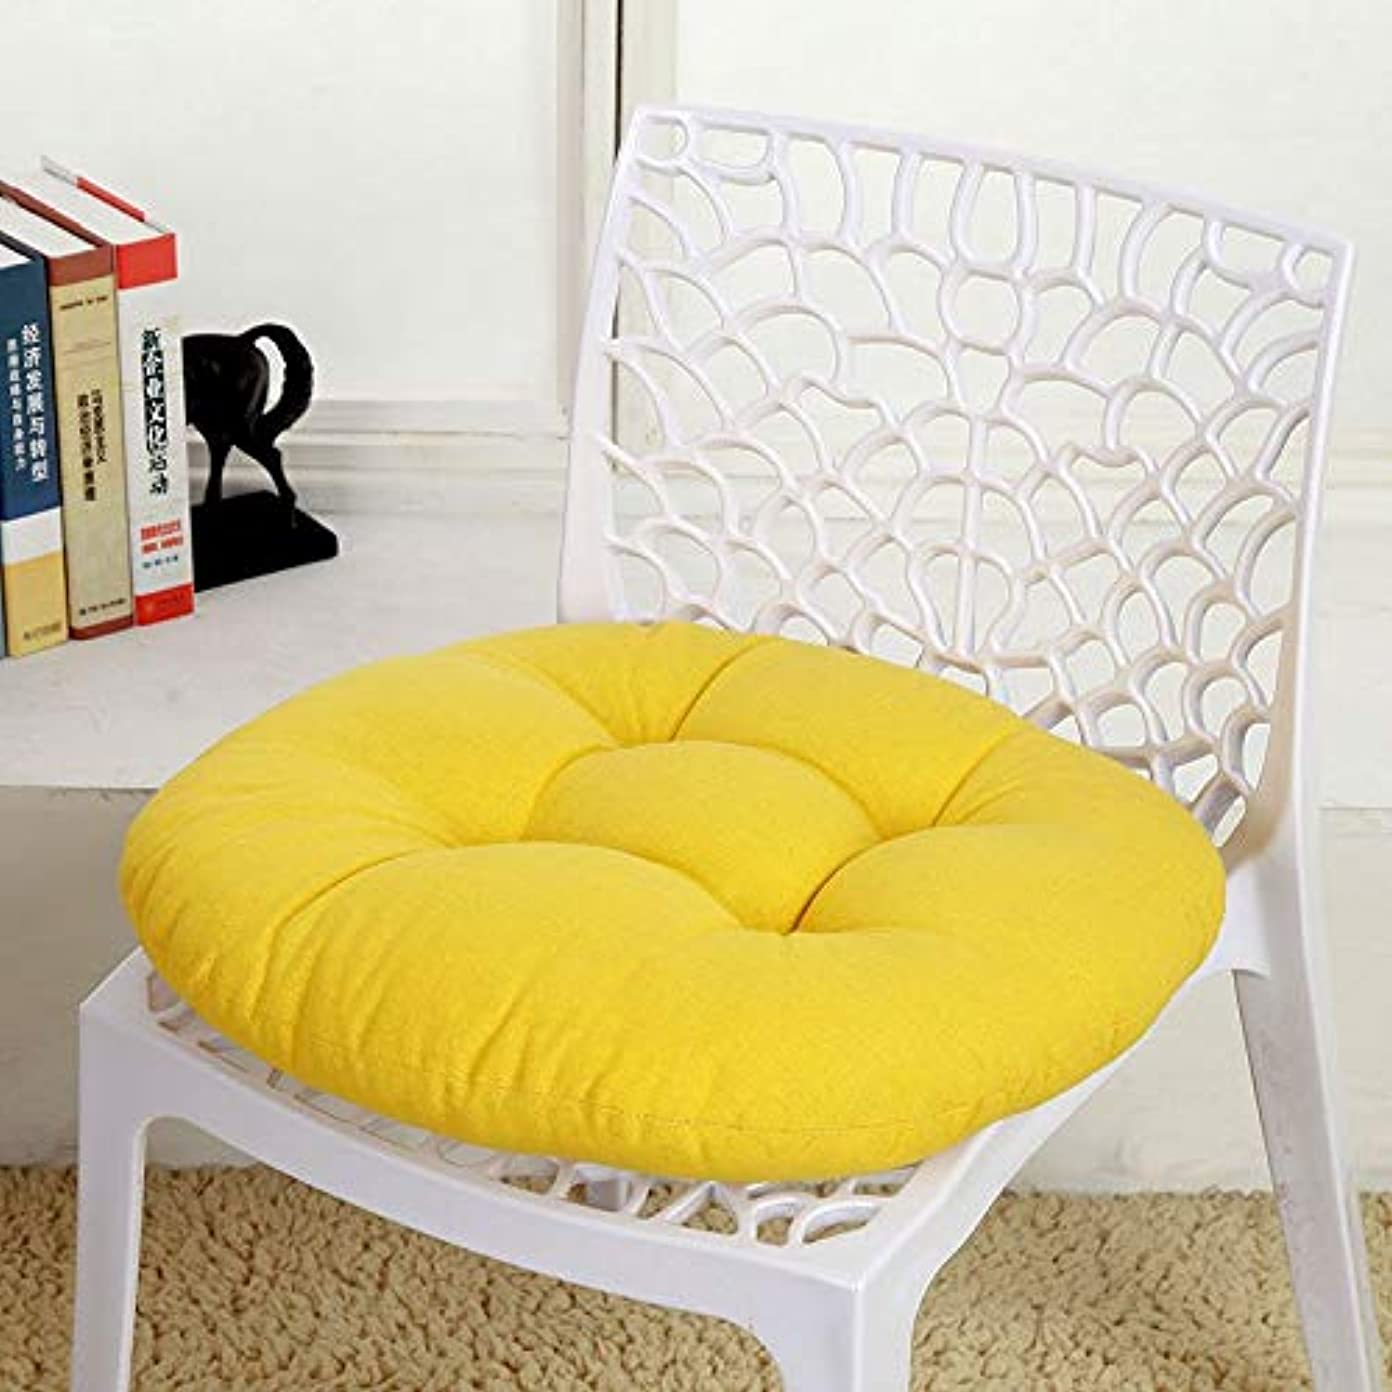 粗い学生めまいLIFE キャンディカラーのクッションラウンドシートクッション波ウィンドウシートクッションクッション家の装飾パッドラウンド枕シート枕椅子座る枕 クッション 椅子